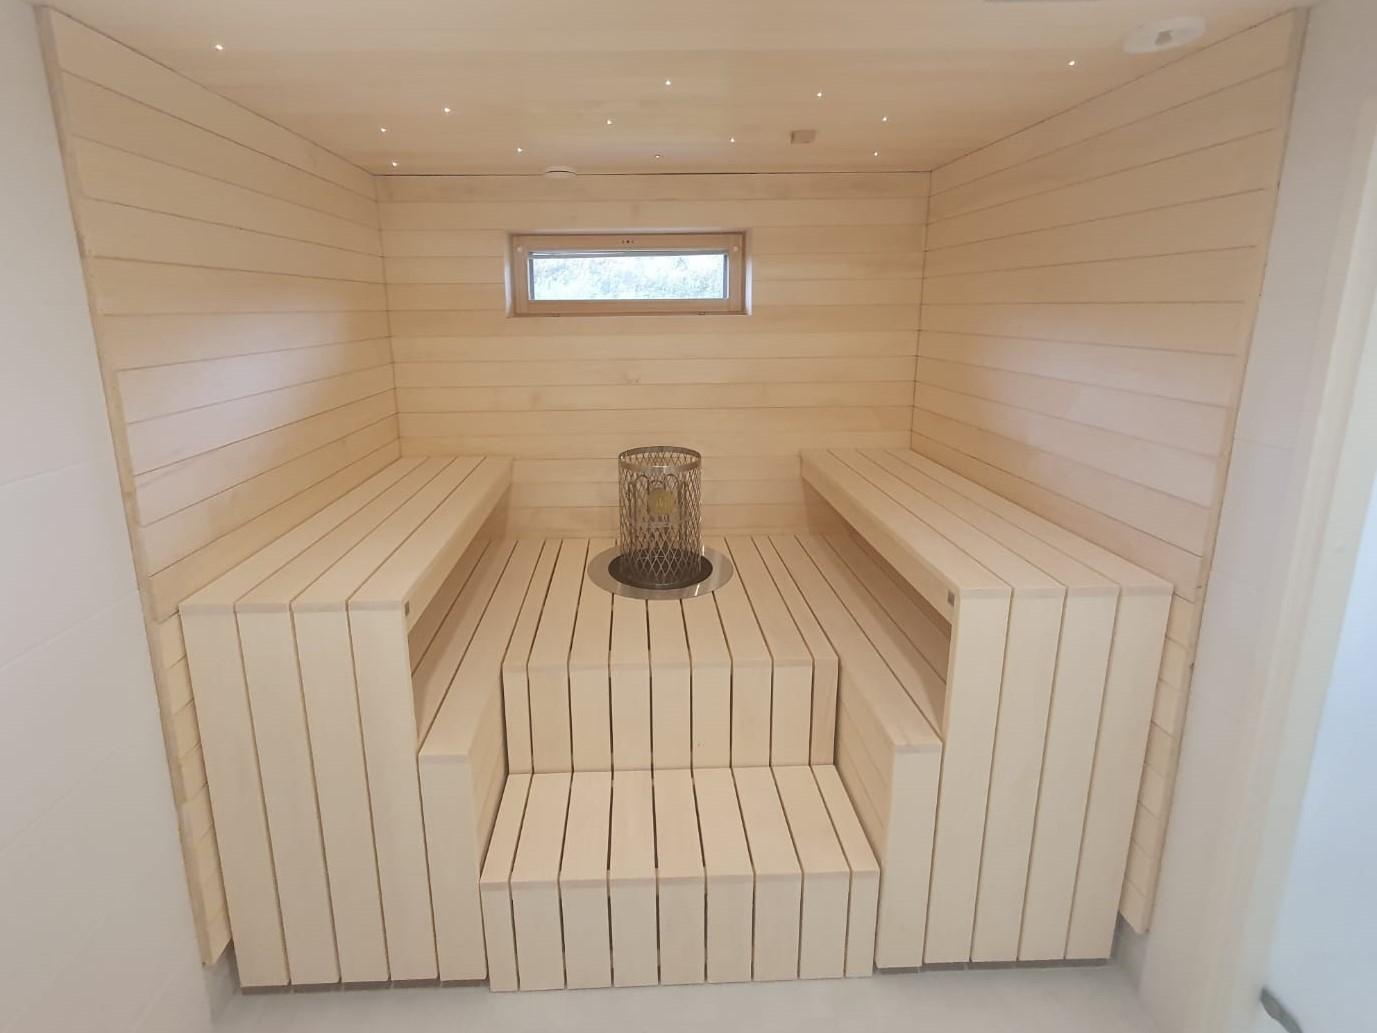 Vastakkain istuttavat saunan lauteet modernissa saunassa